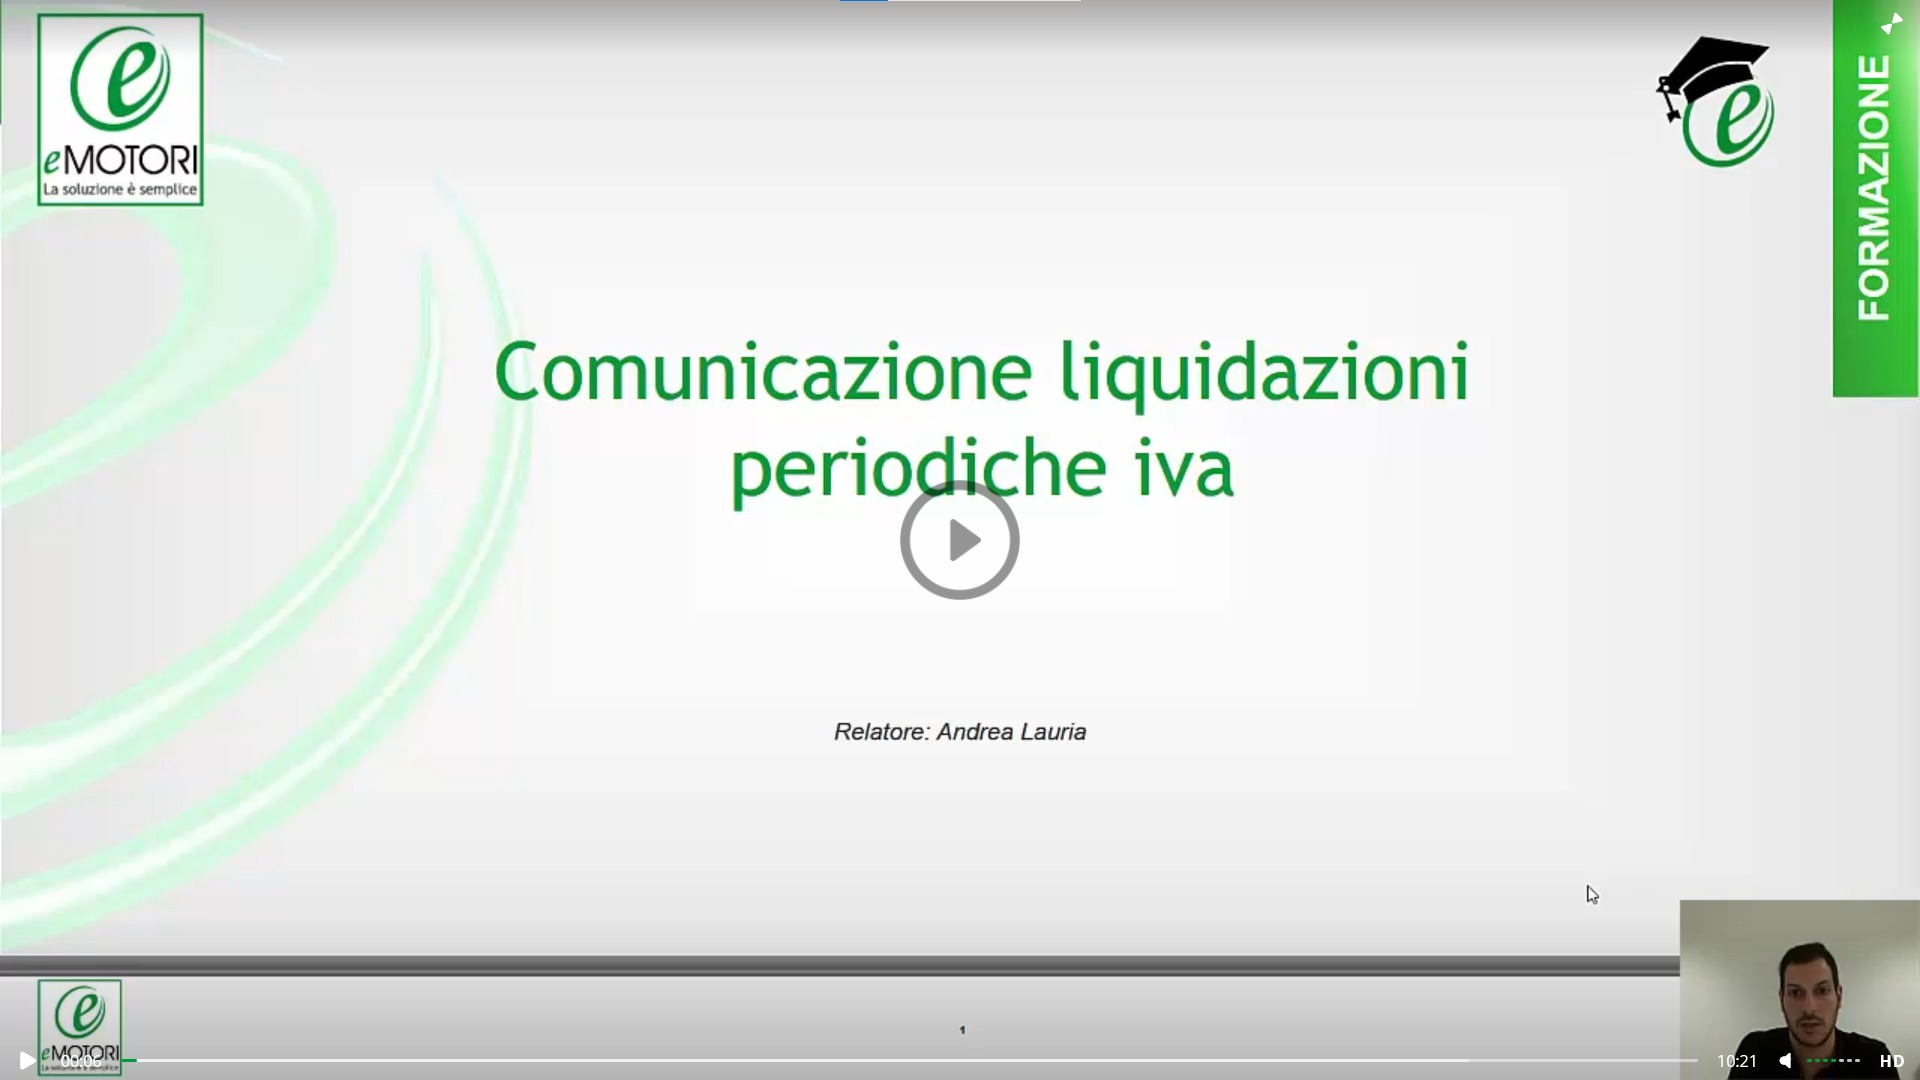 Comunicazione Liquidazioni Play